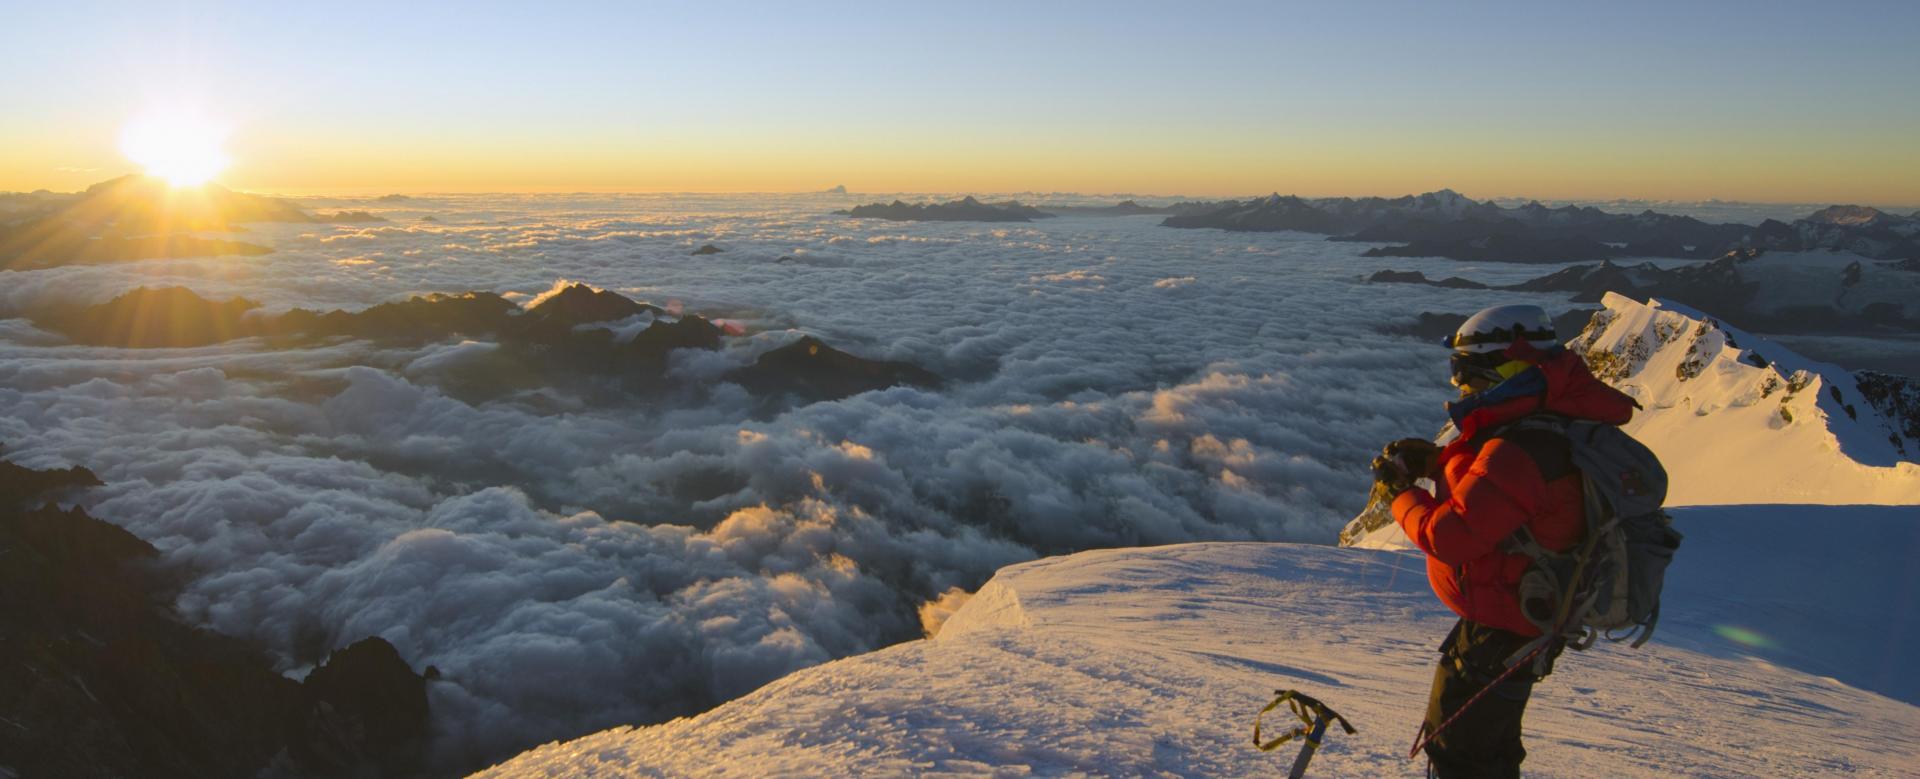 Voyage à pied France : Grand-paradis - mont-blanc